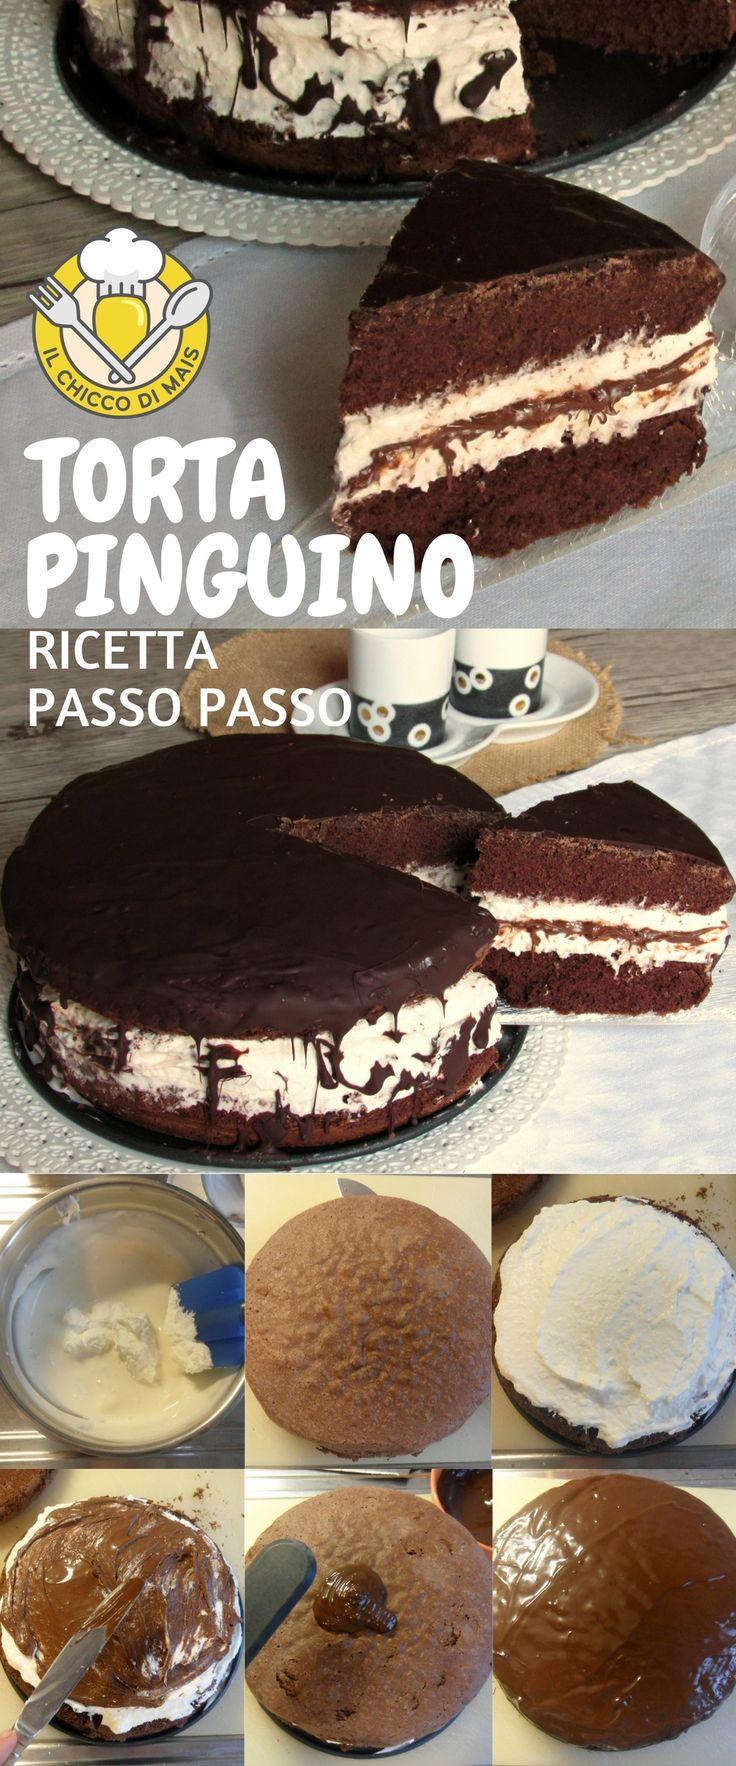 Torta pinguino al cioccolato farcita con crema al mascarpone e Nutella, un dolce facile adatto anche come torta di compleanno! Scopri la ricetta passo passo: https://blog.giallozafferano.it/ilchiccodimais/torta-pinguino/